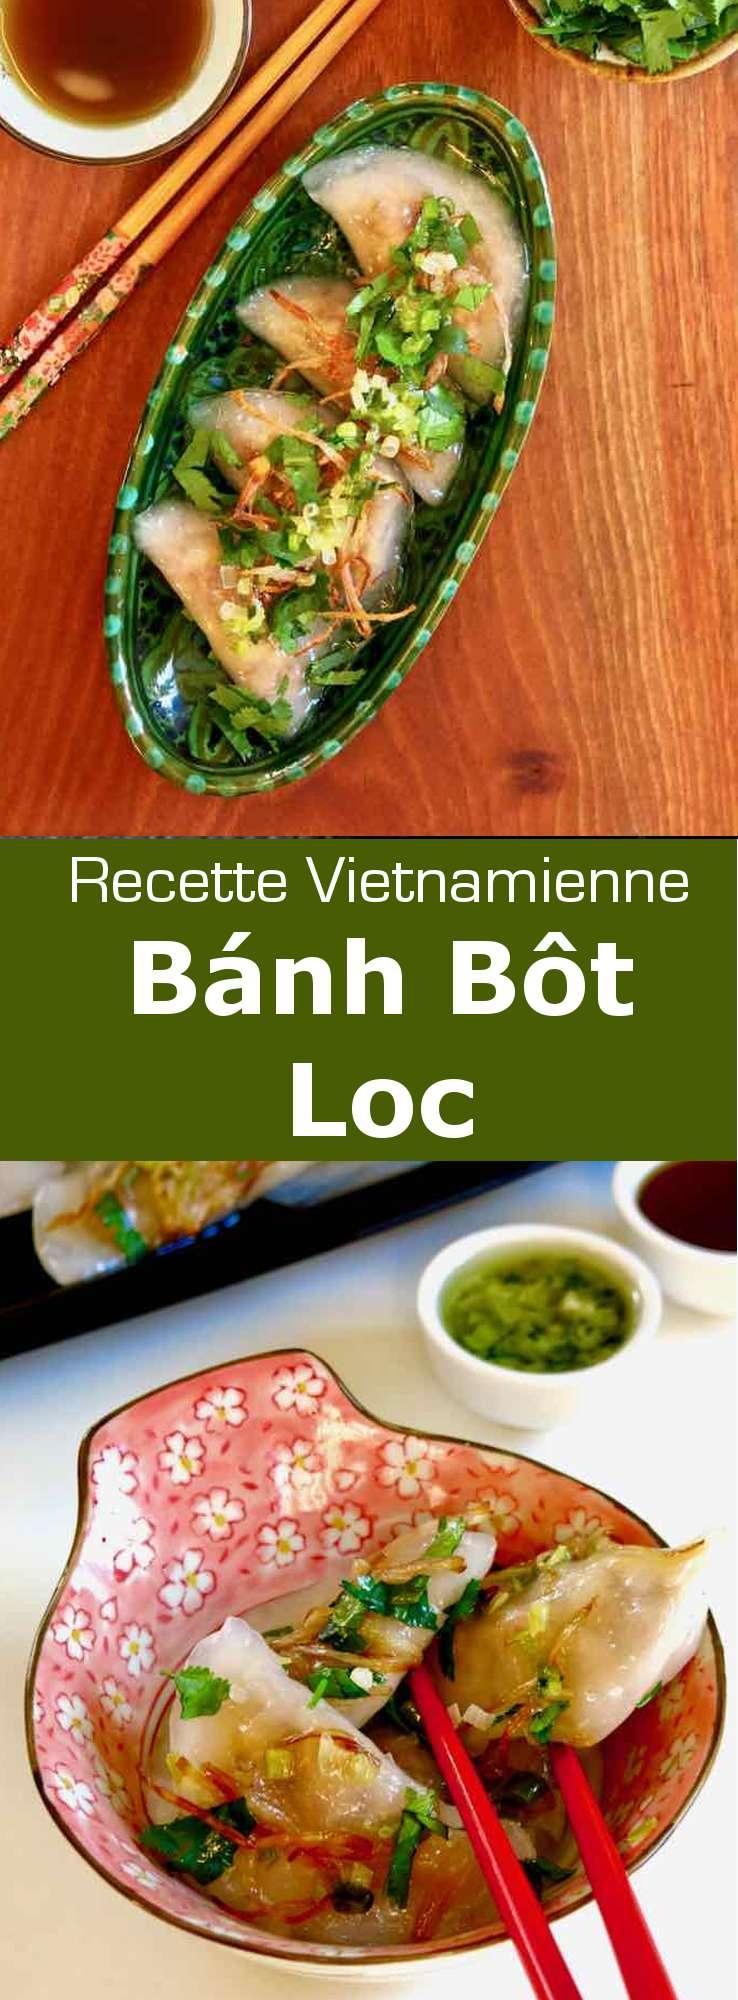 Les bánh bột lọc sont des pâtes de tapioca translucides de la cuisine vietnamienne. Elles sont garnies de crevettes et de poitrine de porc. #Vietnam #RecetteVietnamienne #CuisineVietnamienne #CuisineAsiatique #RecetteAsiatique #CuisineDuMonde #196flavors